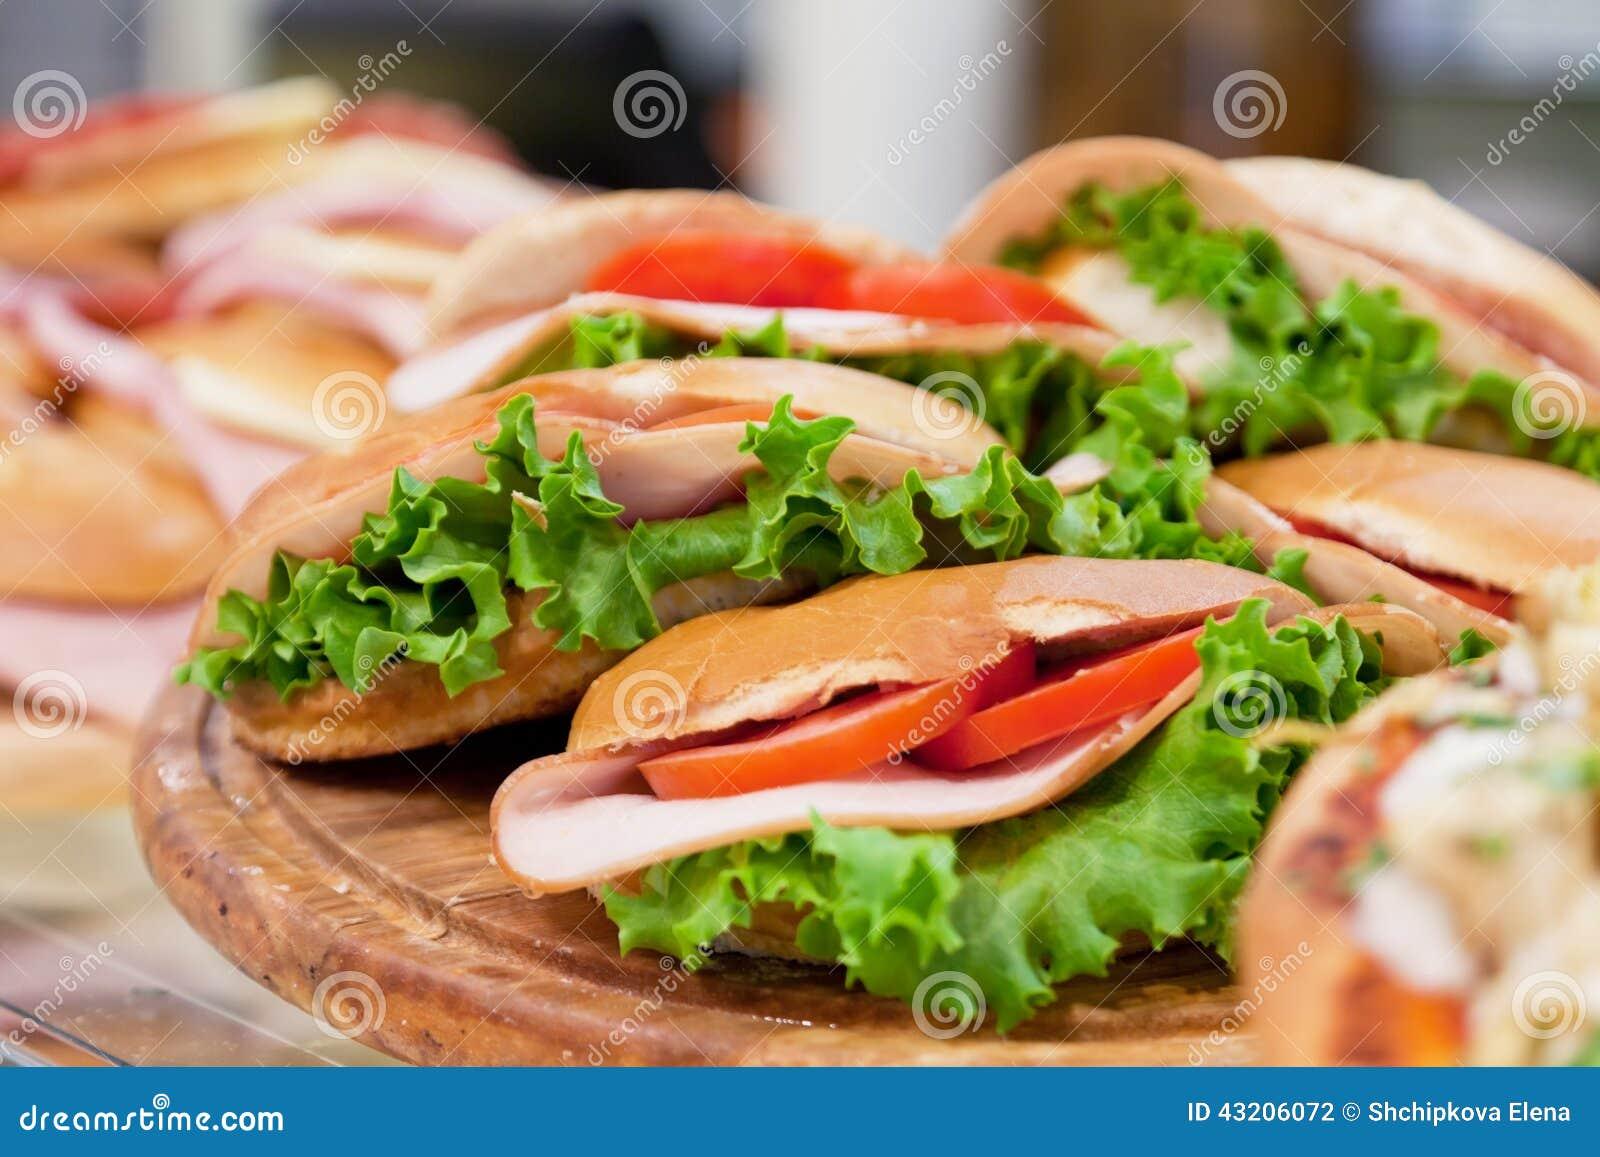 Download Olika smörgåsar arkivfoto. Bild av avbrottet, skiva, snabbt - 43206072